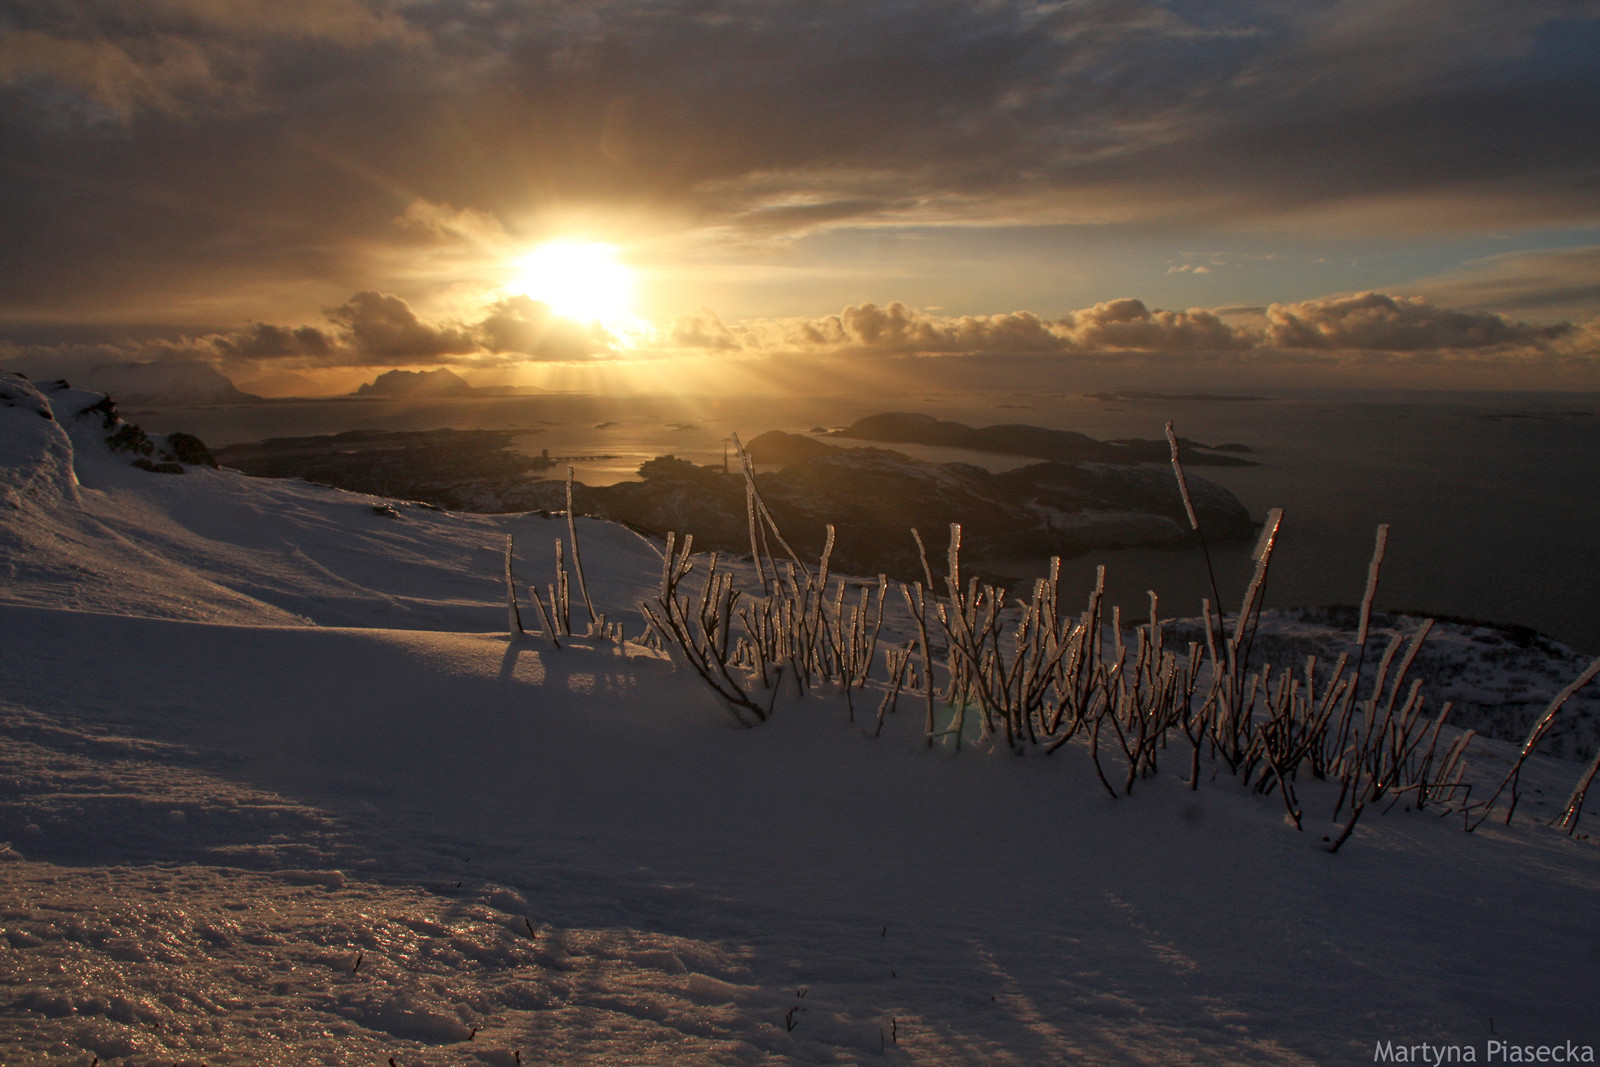 Zdjęcia z północnej Norwegii - foto Martyna Piasecka